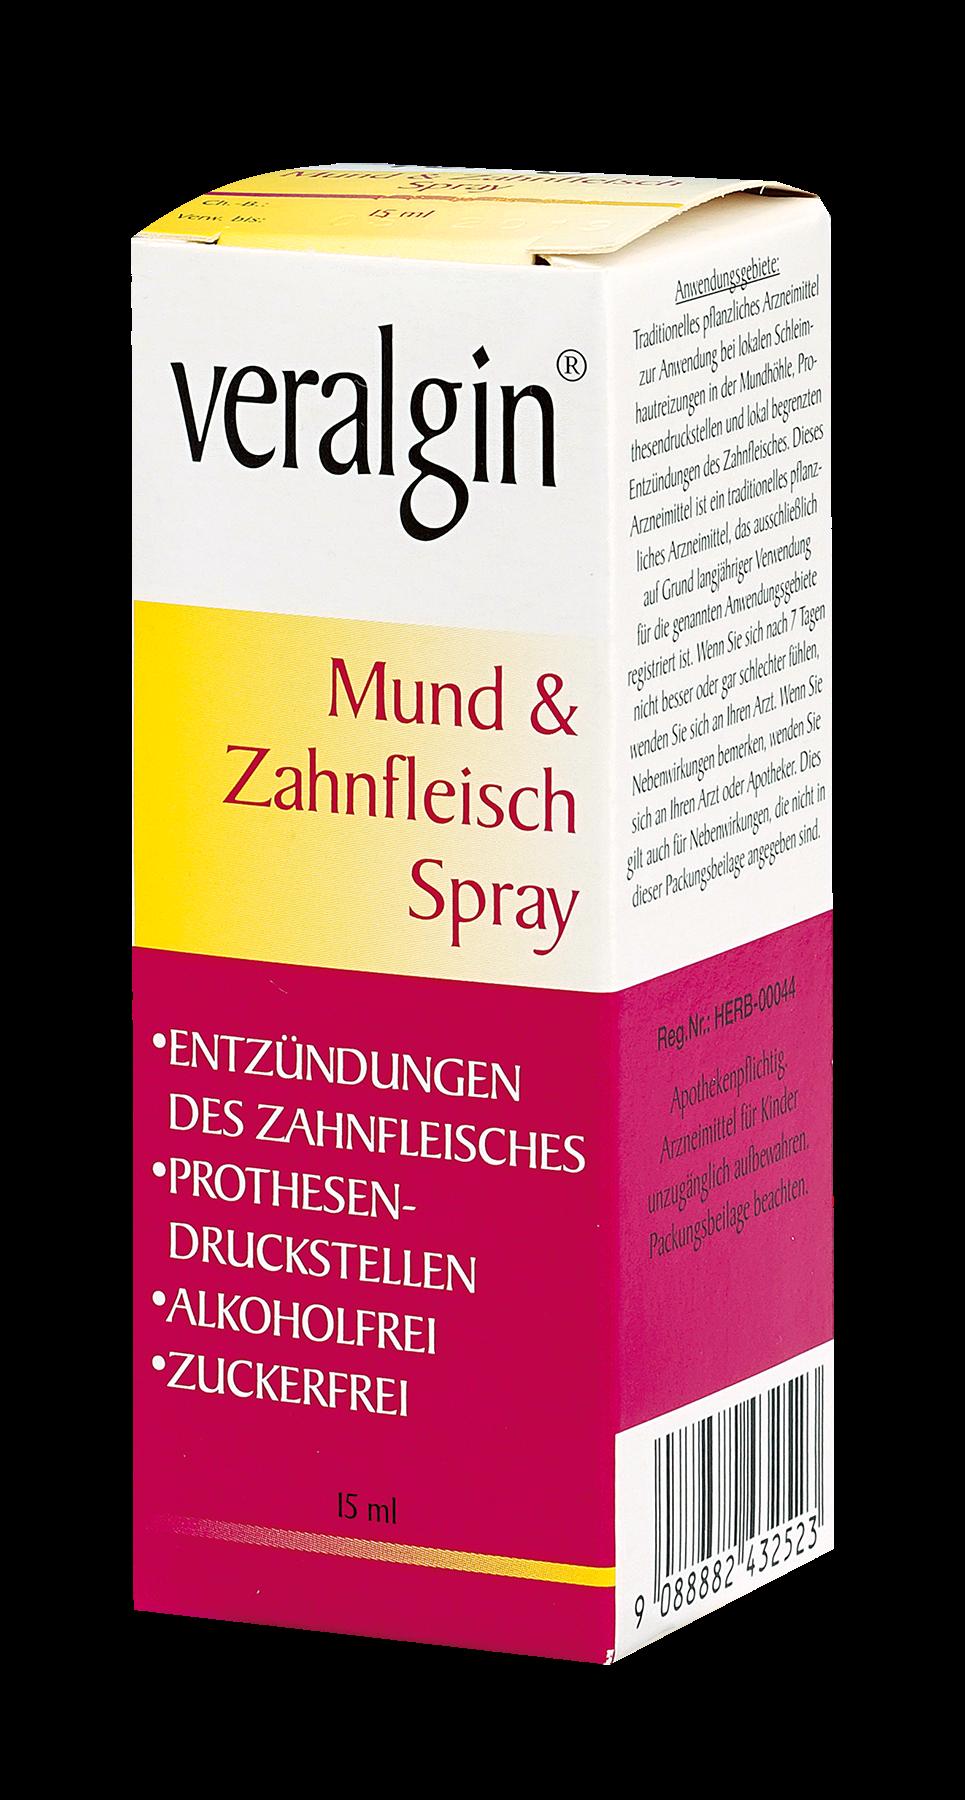 Veralgin - Mund & Zahnfleisch Spray